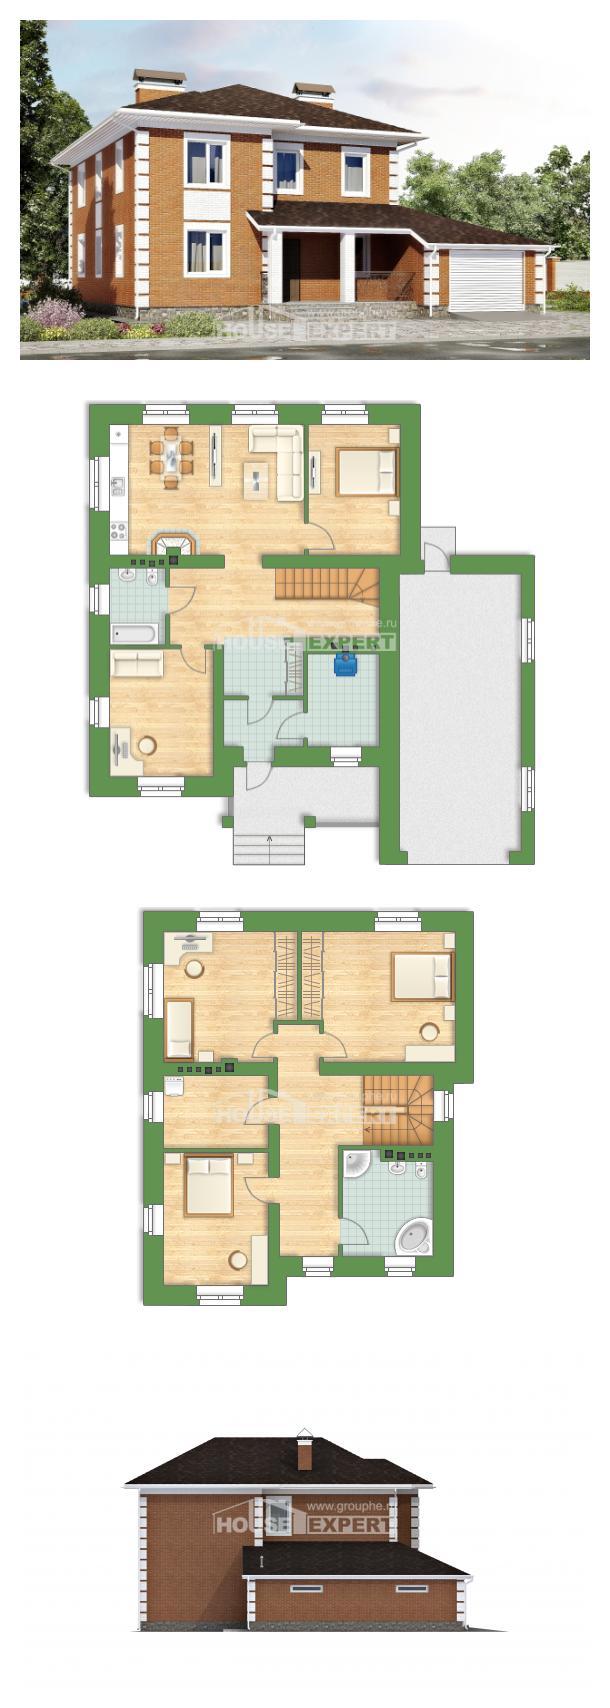 Plan 220-004-L | House Expert